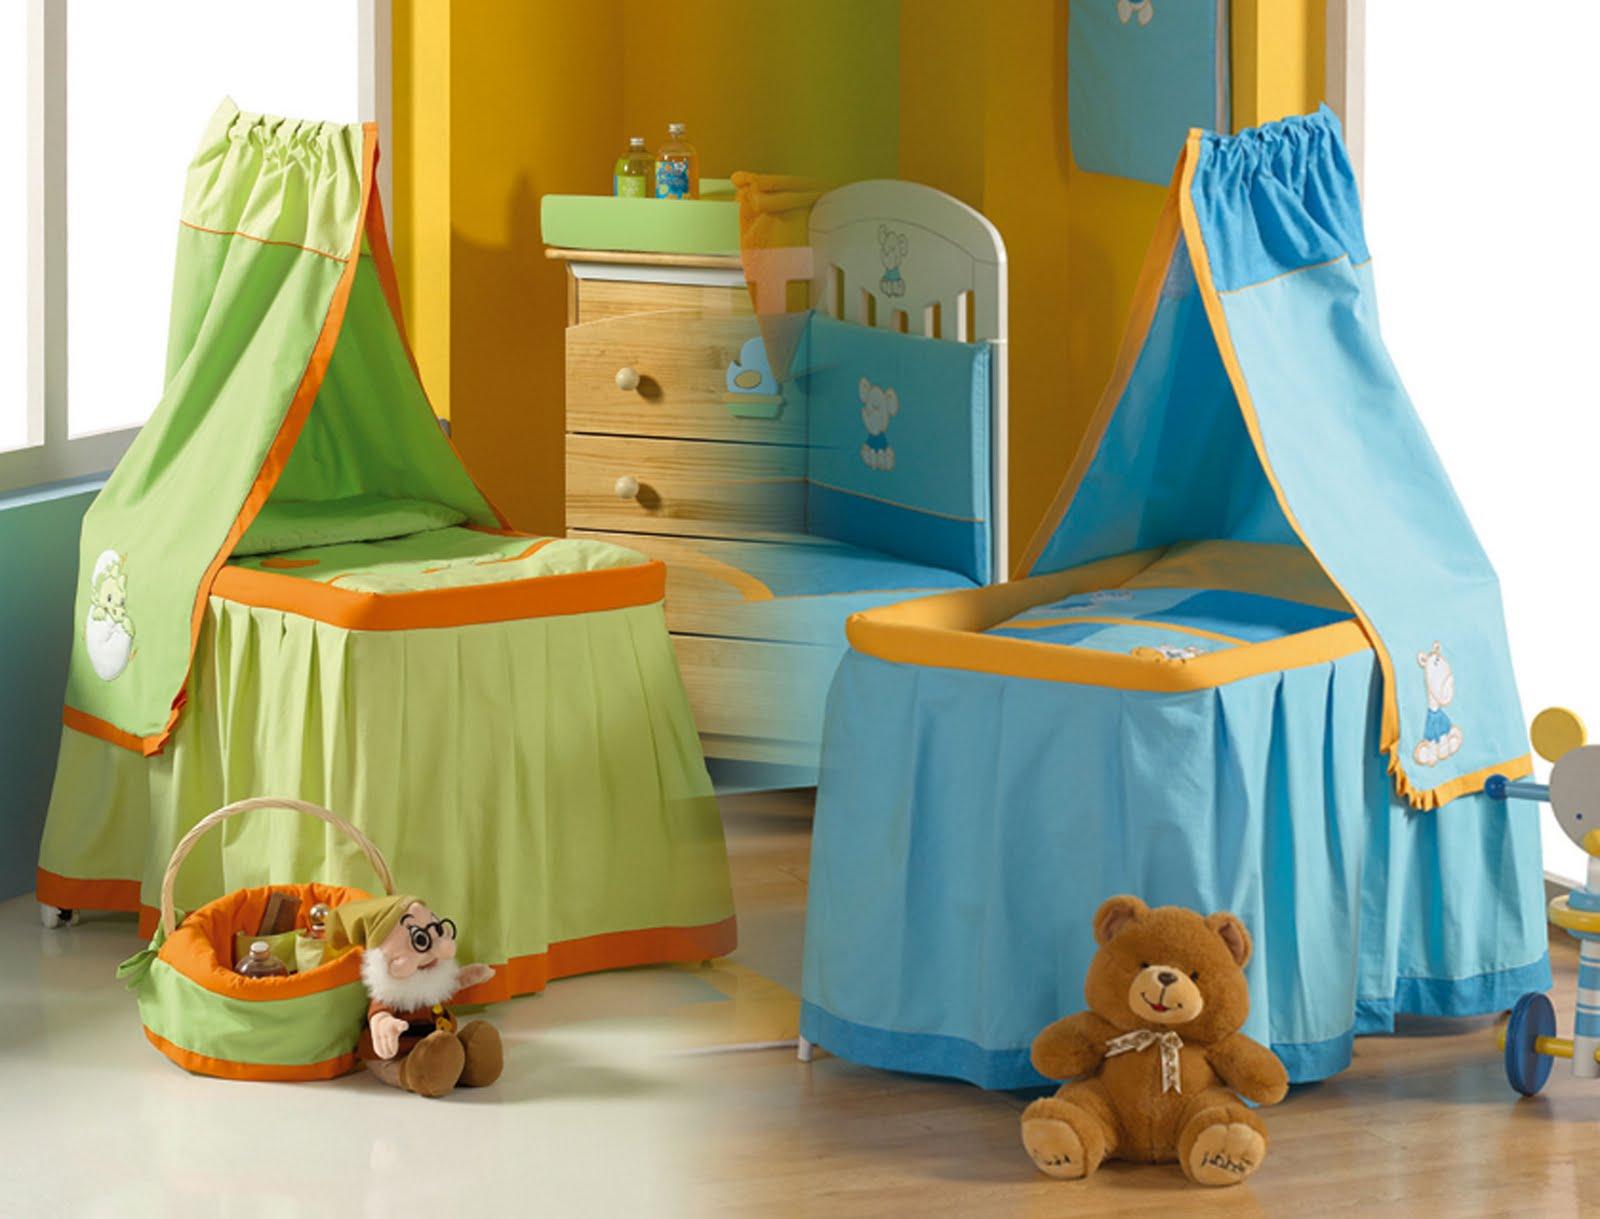 Decoraci n de rincones ideas para decorar el cuarto del bebe - Ideas para decorar el cuarto del bebe ...